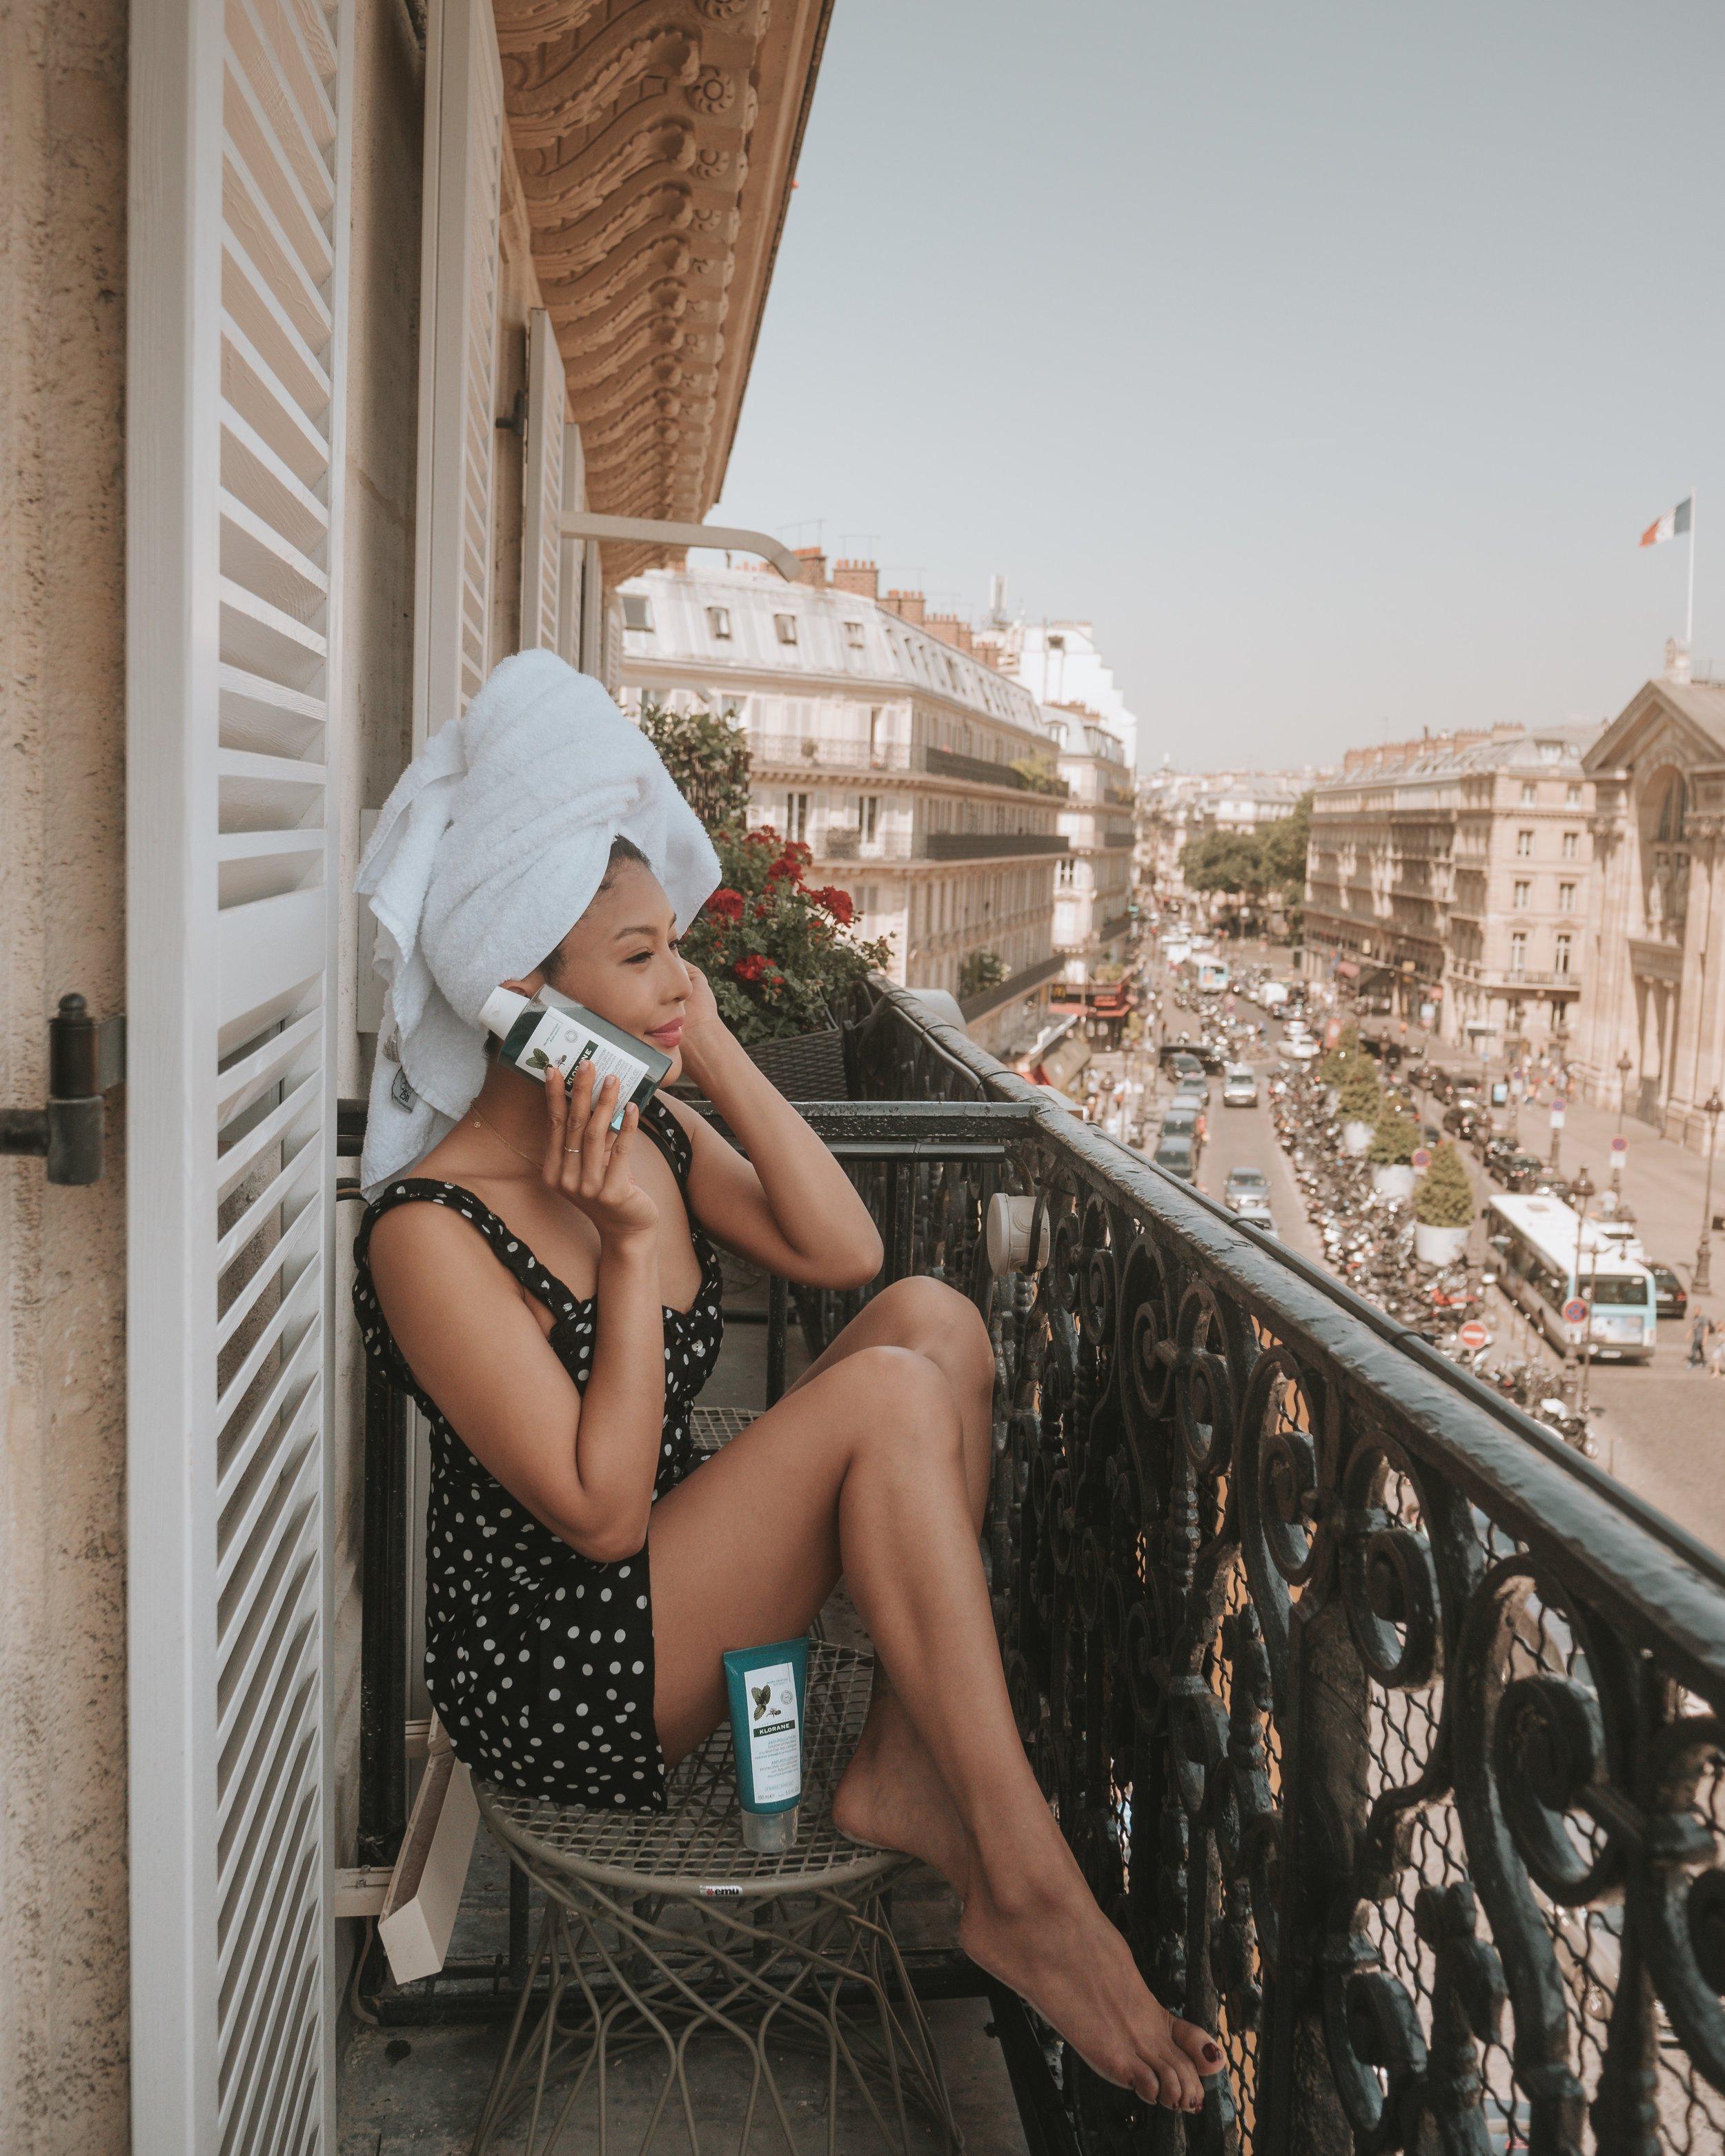 beauty_content_paris_photo.JPG